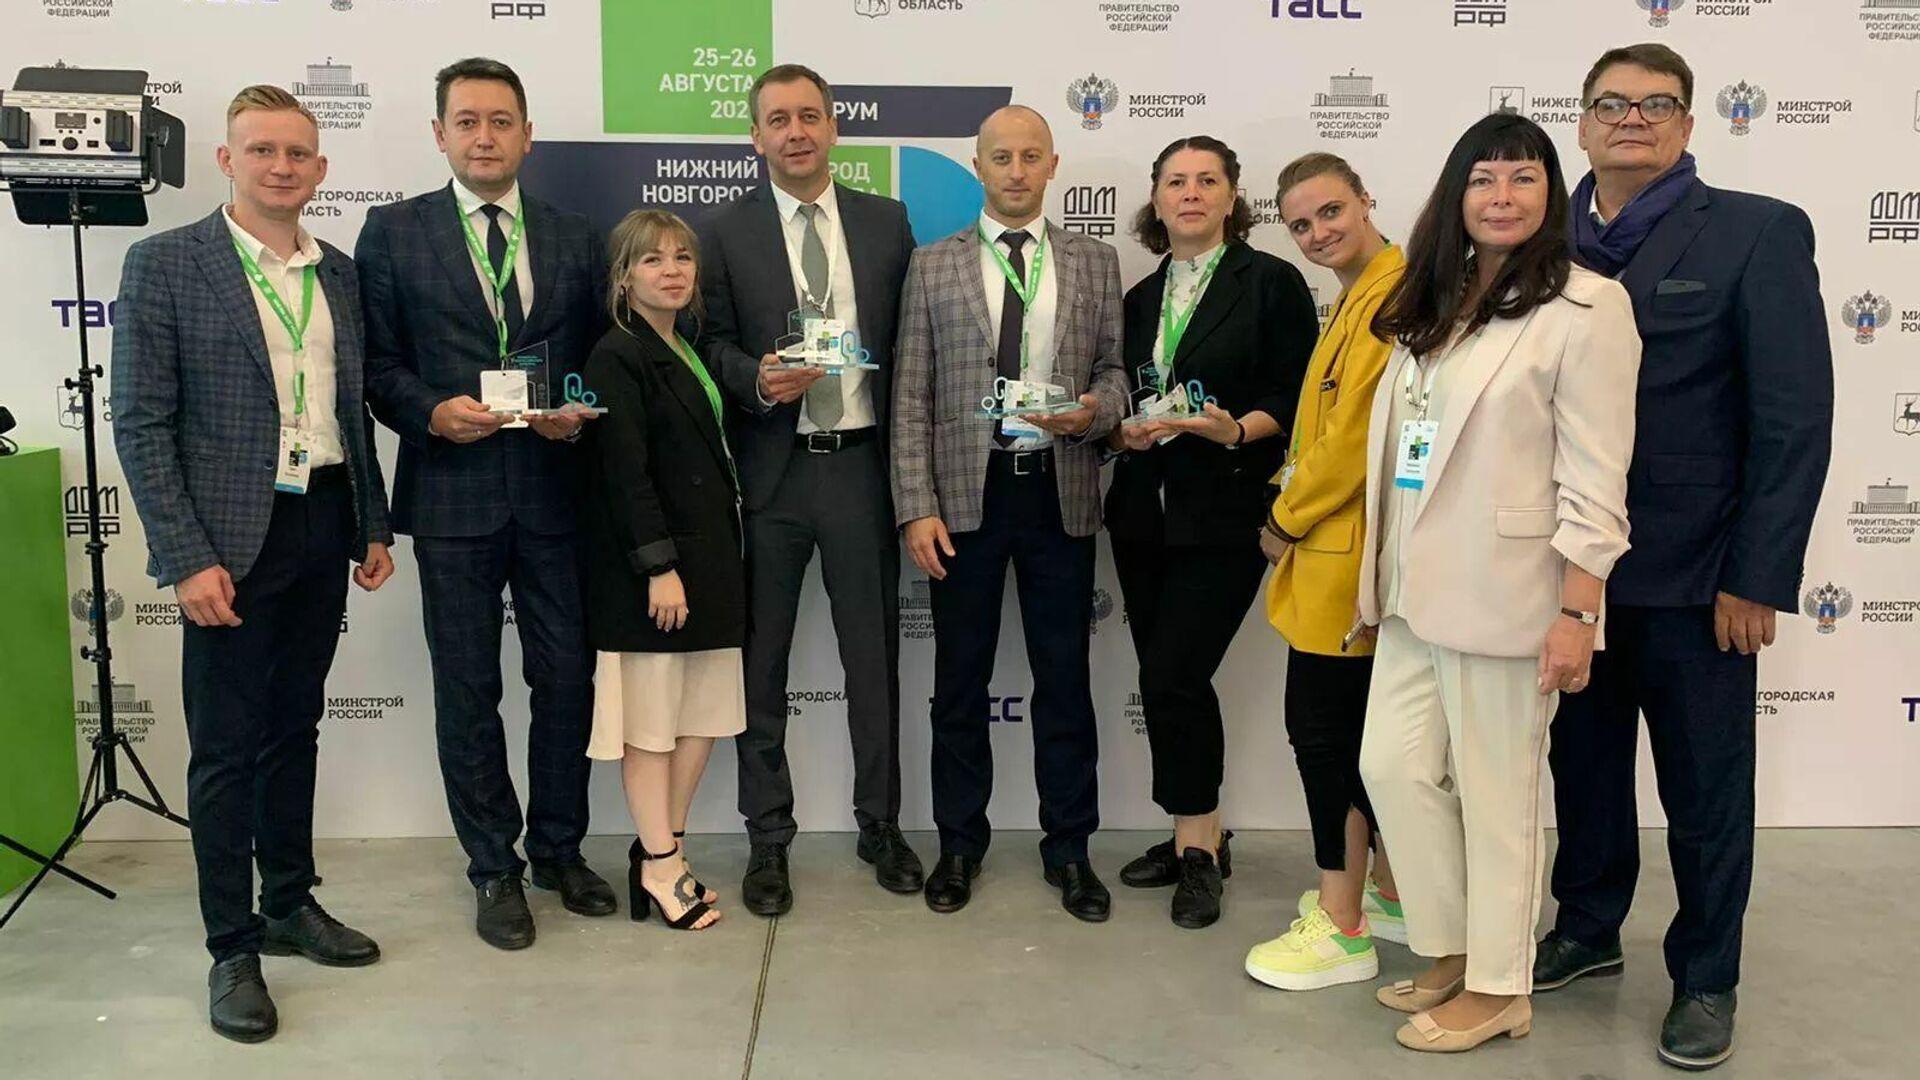 Участники проектов из Тульской области, победившие в конкурсе благоустройства - РИА Новости, 1920, 26.08.2021